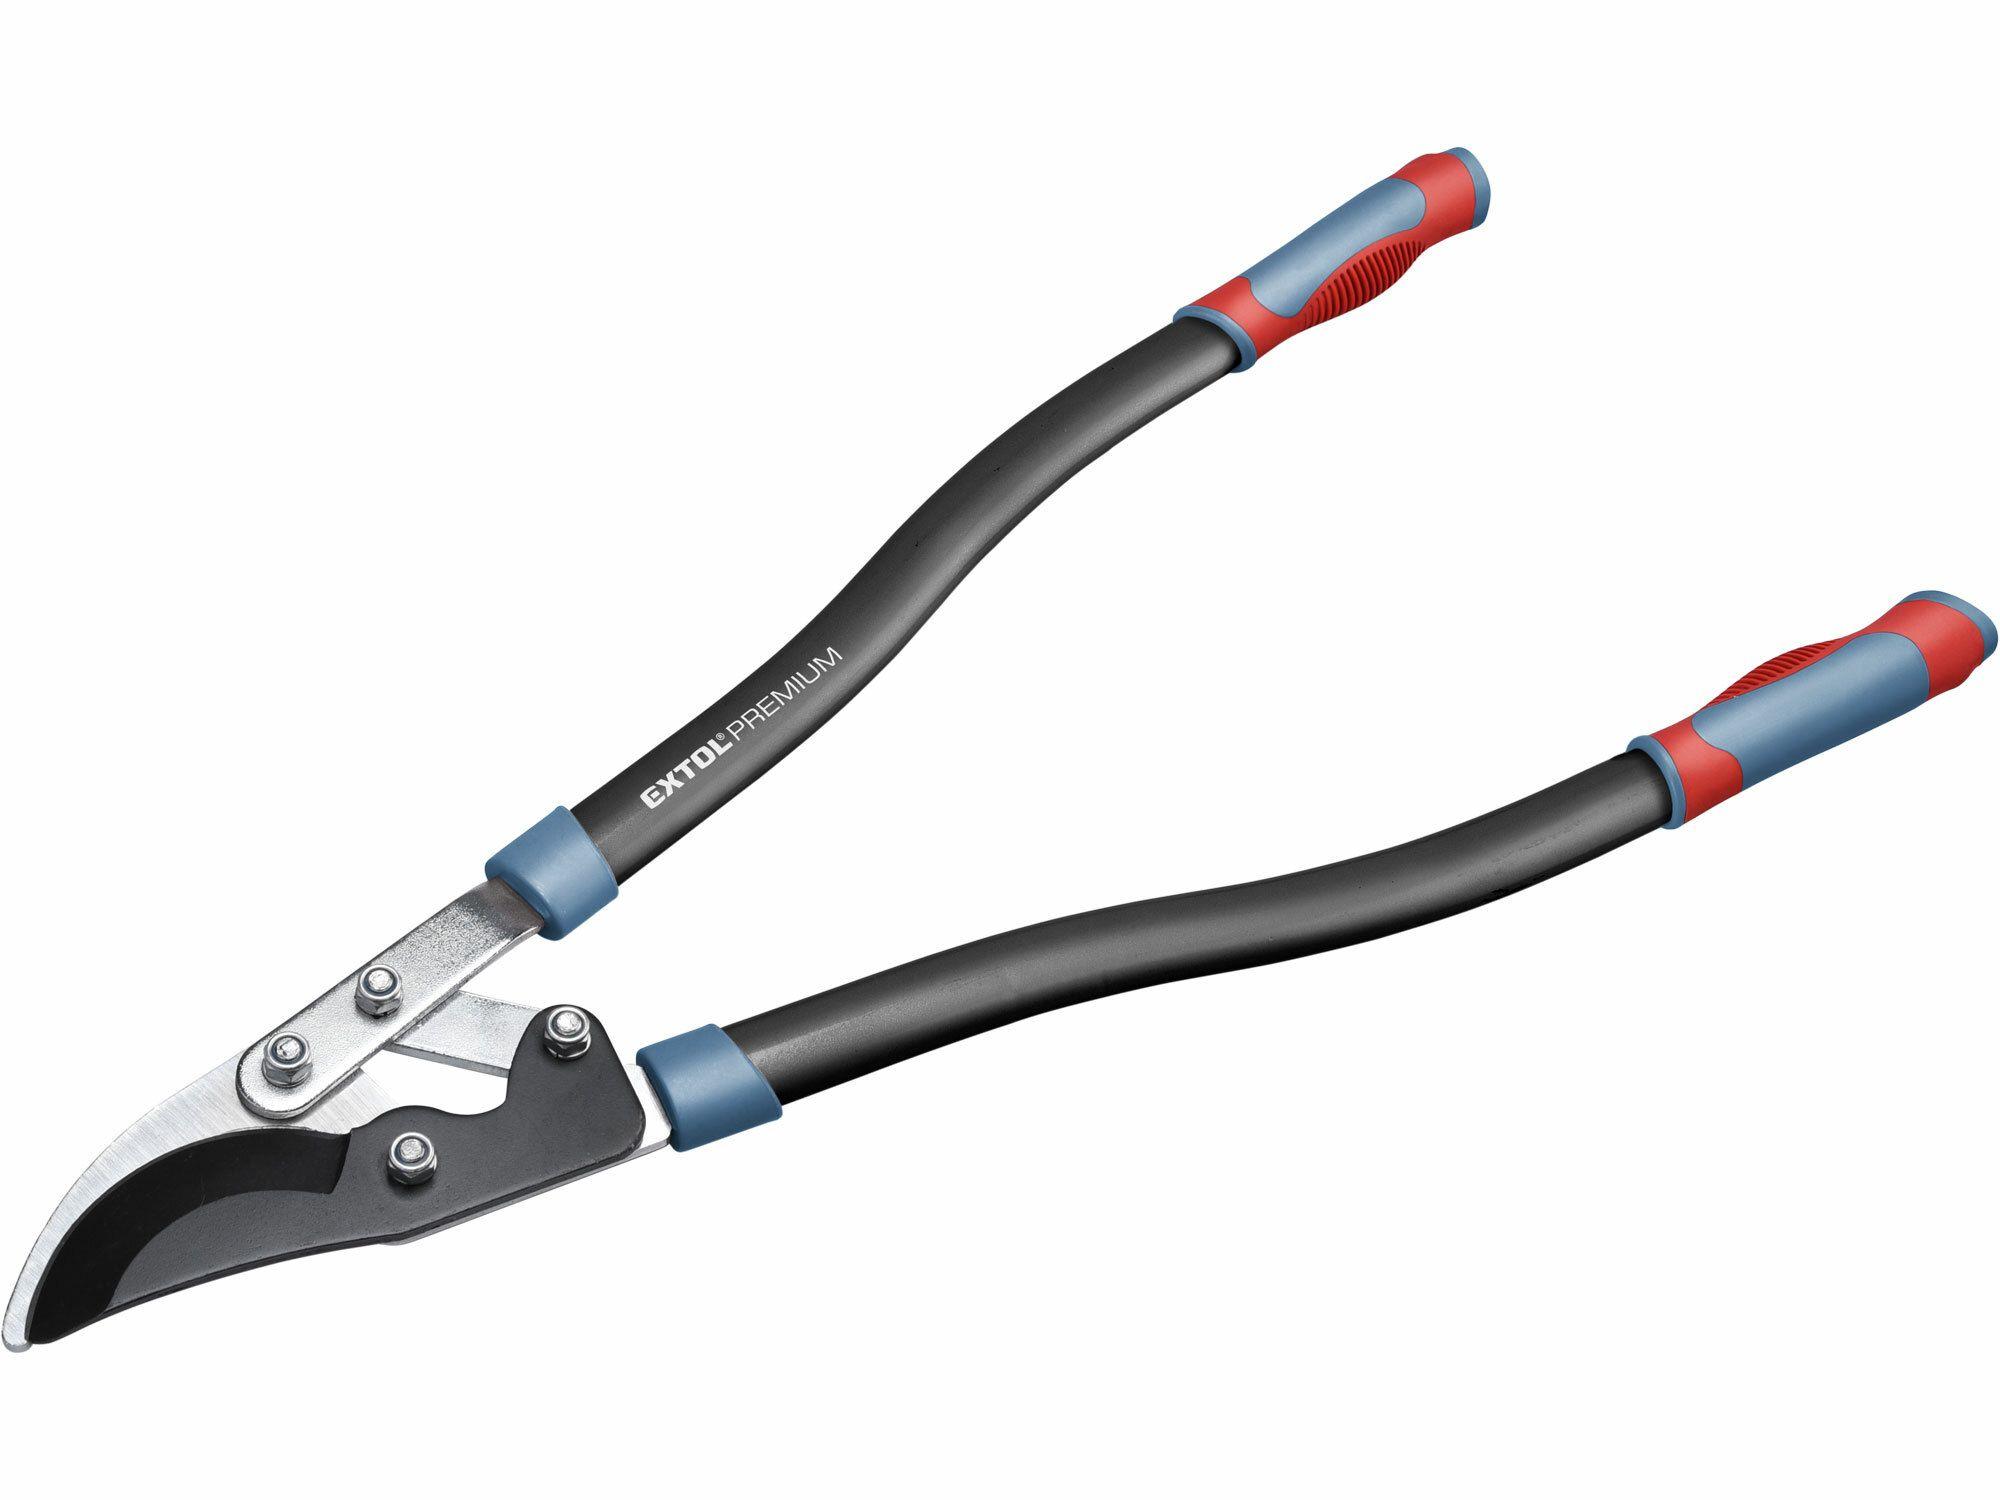 Nůžky na větve převodové dvousečné, 730mm, HCS, stříhání větví do pr. 45 mm, EXTOL PREMIUM